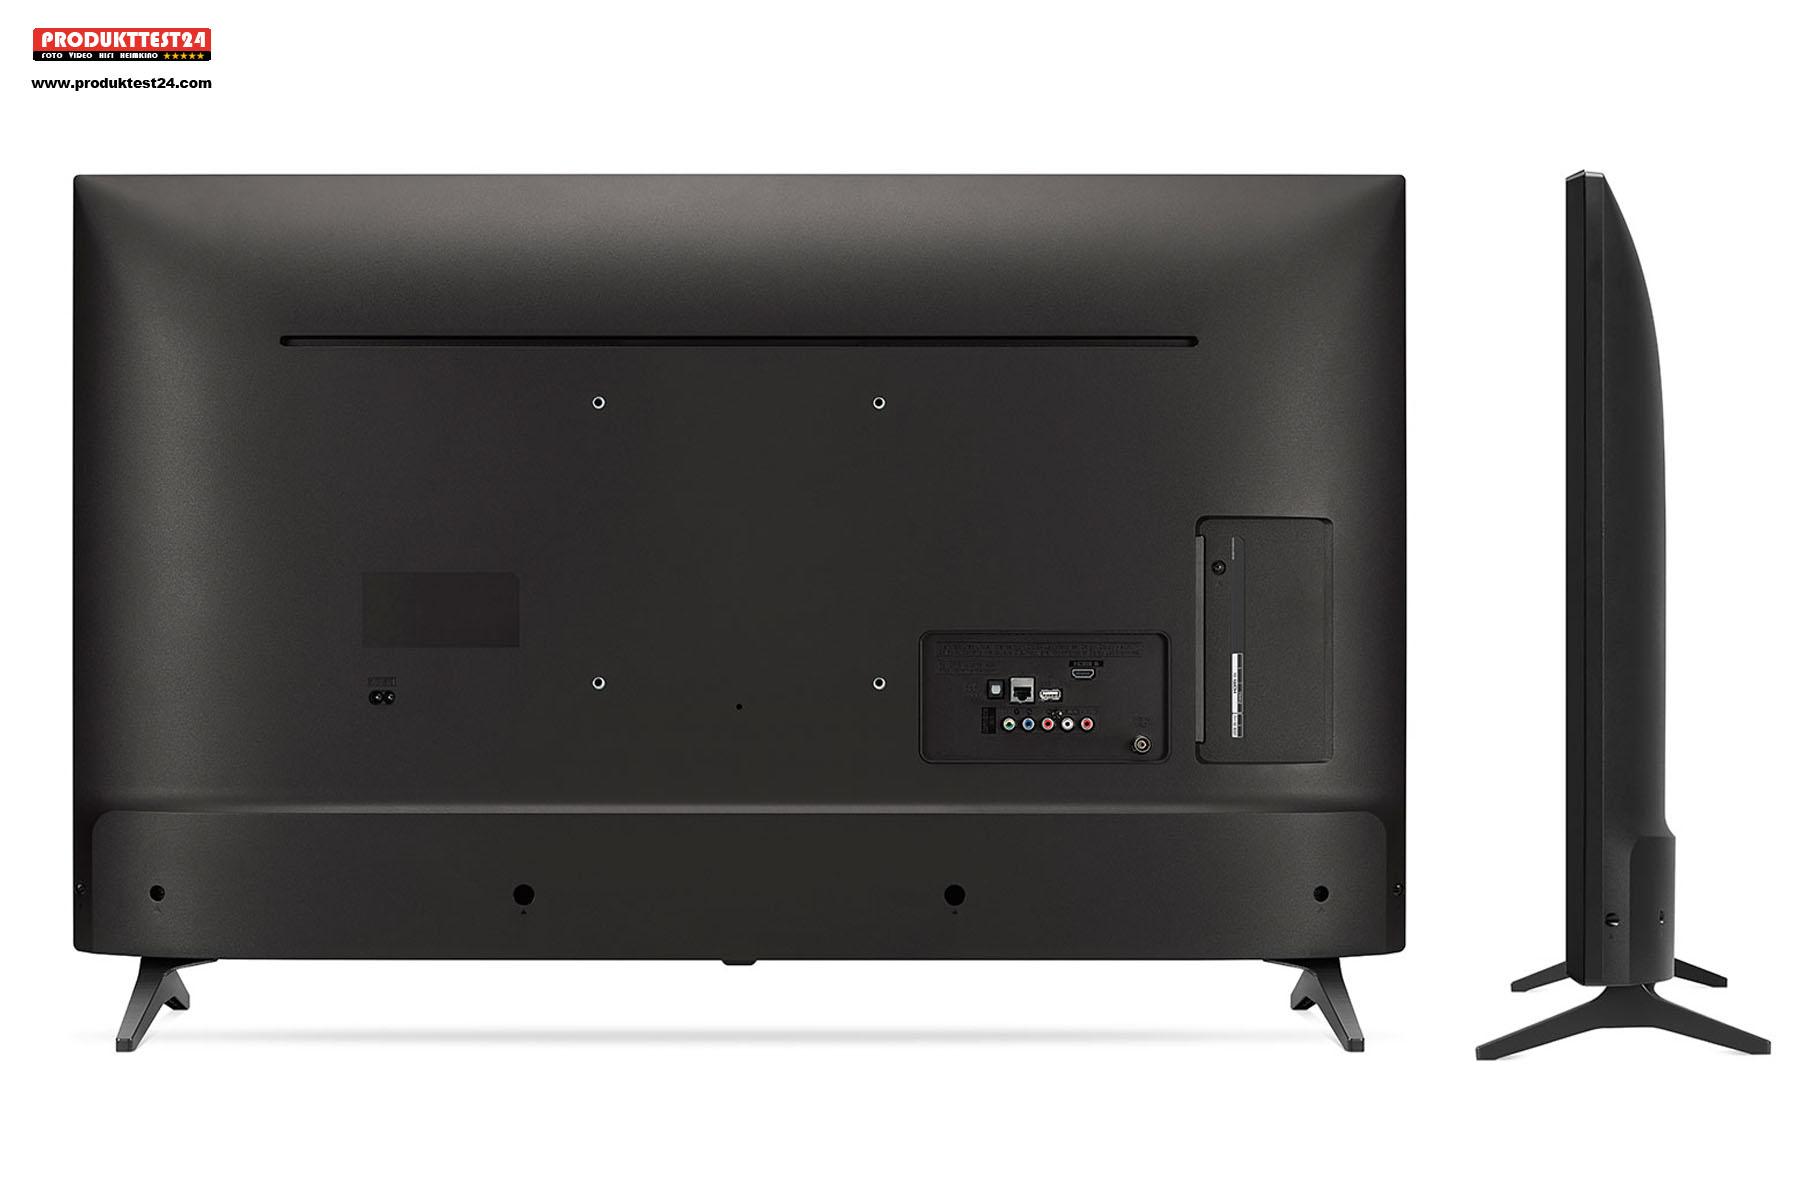 LG 49UM7050PLF - Seitenansicht und Rückseite